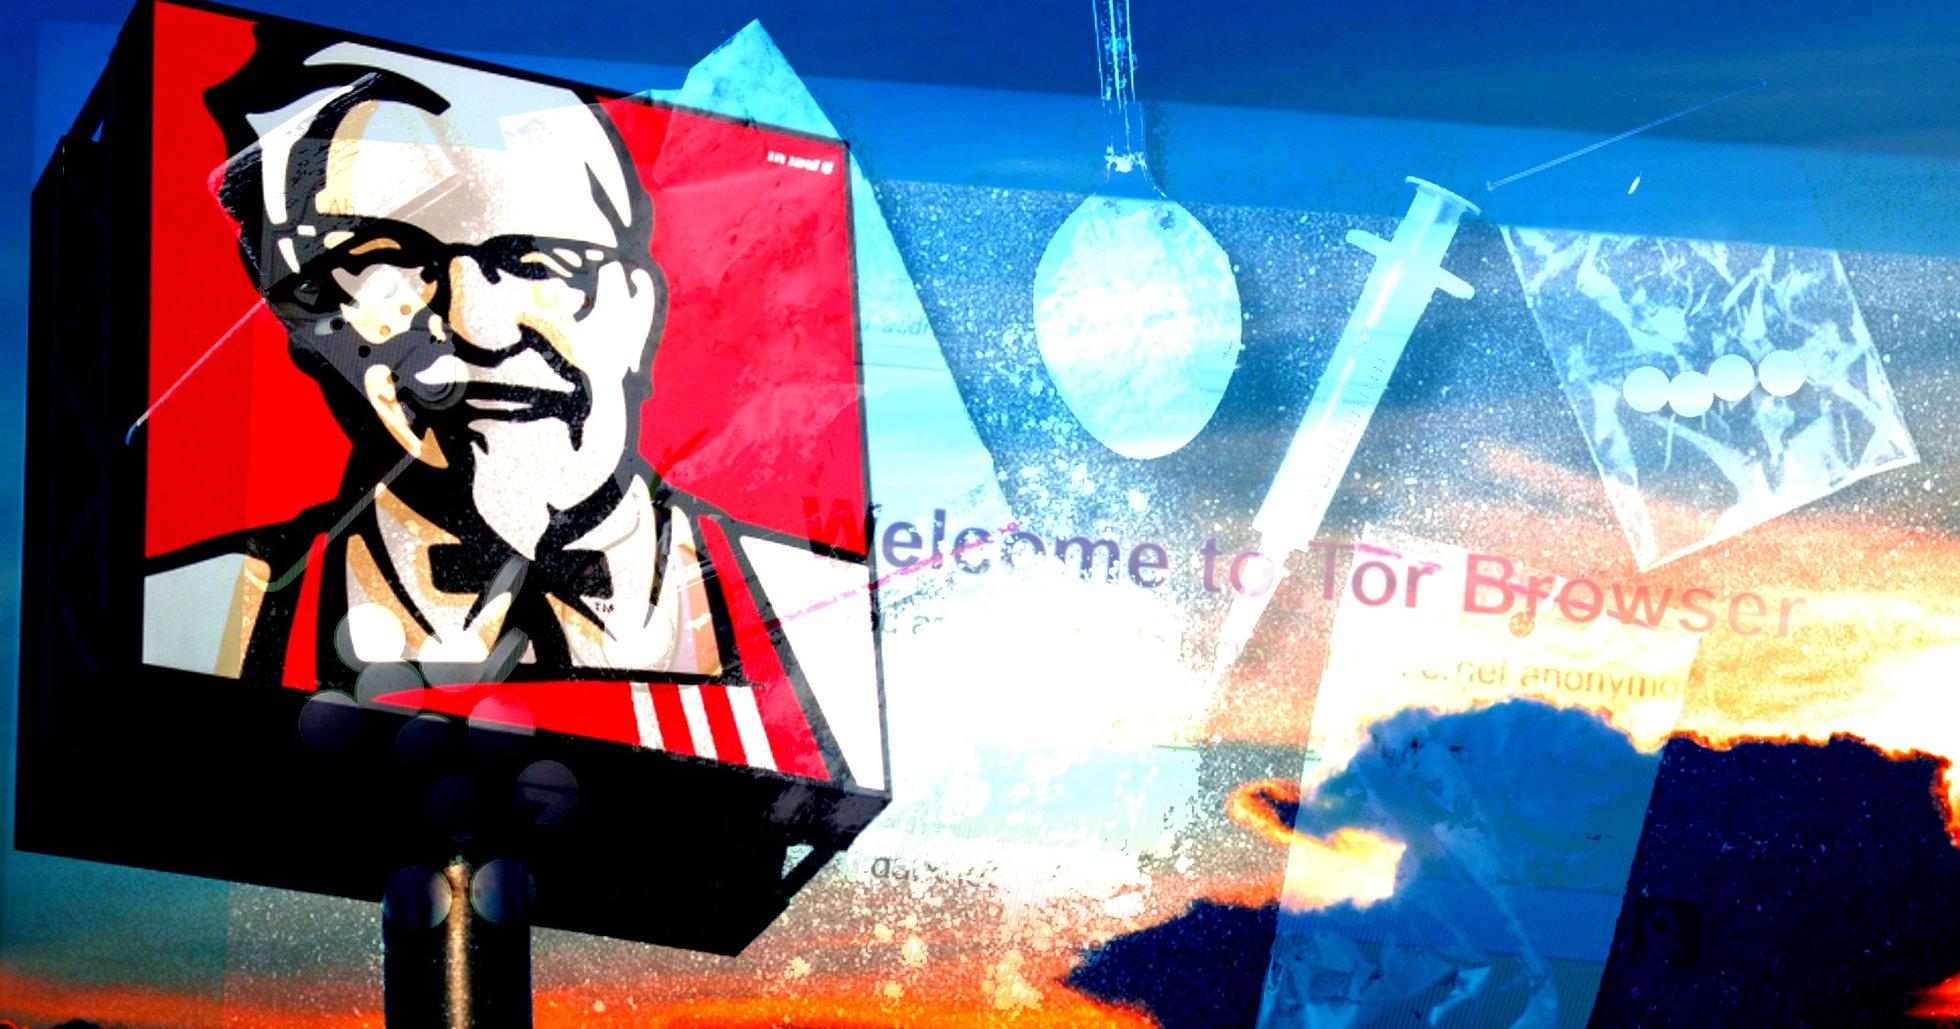 En före detta KFC-arbetare sålde knark för bitcoin – ska böta 25 miljoner kronor